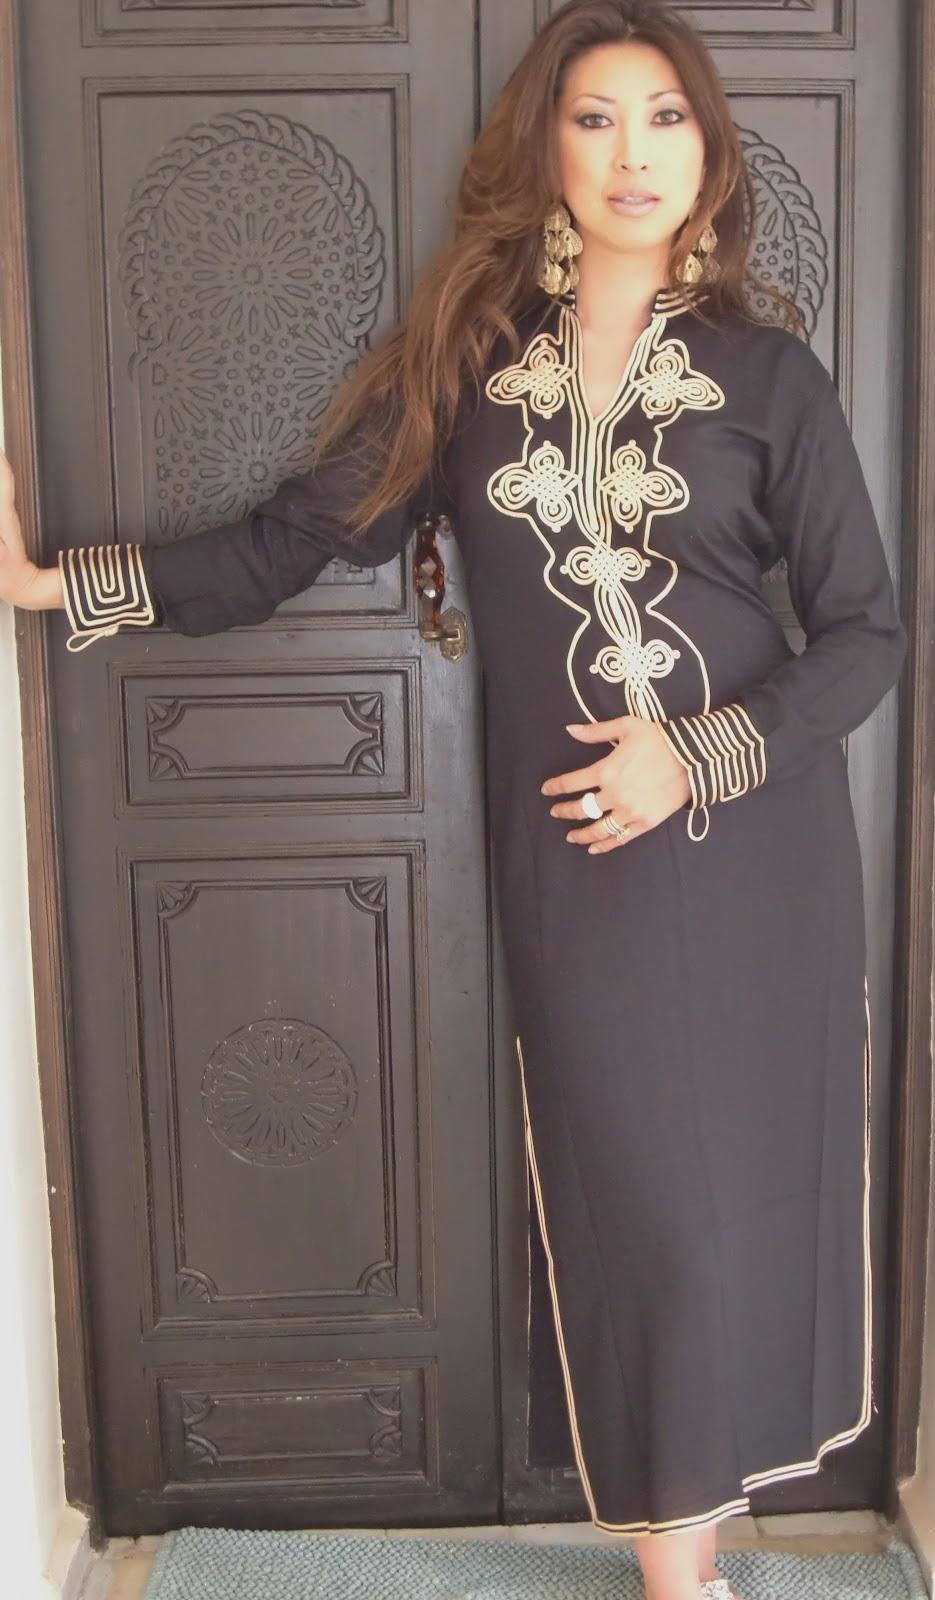 maison marrakech caftans maison de marrakech. Black Bedroom Furniture Sets. Home Design Ideas